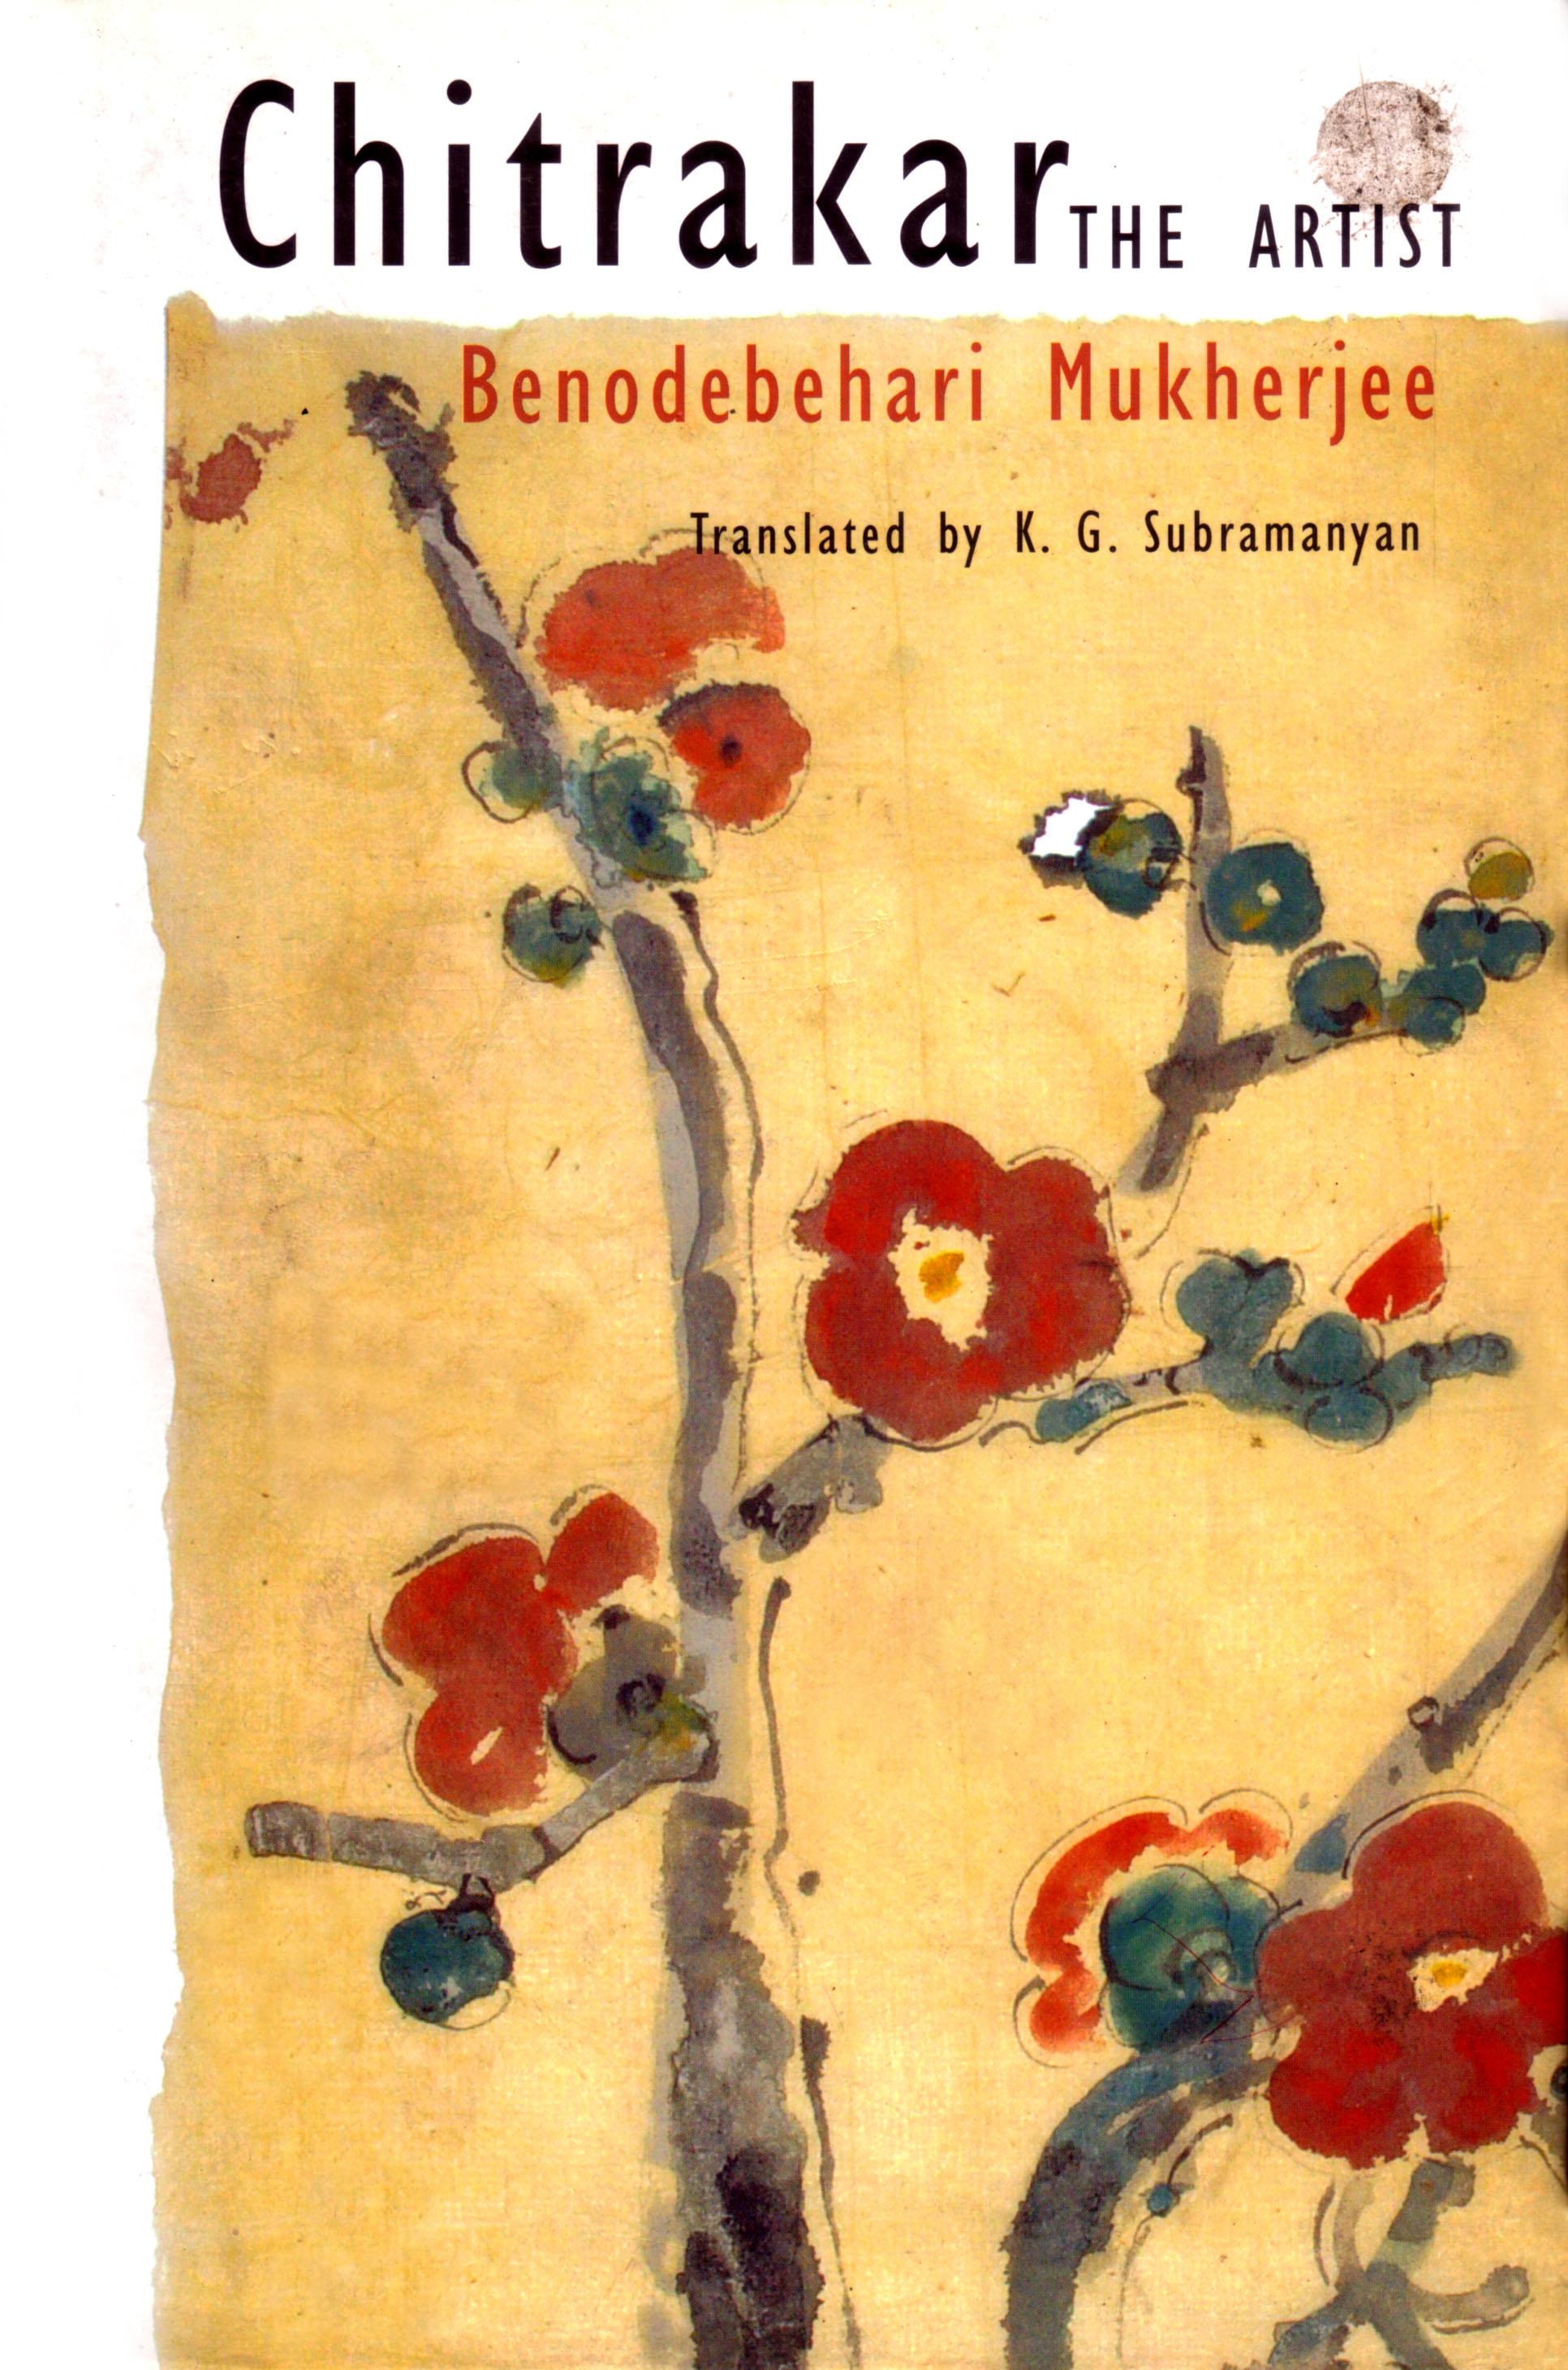 Chitrakar by Benodebehari Mukherjee   Seagull Books